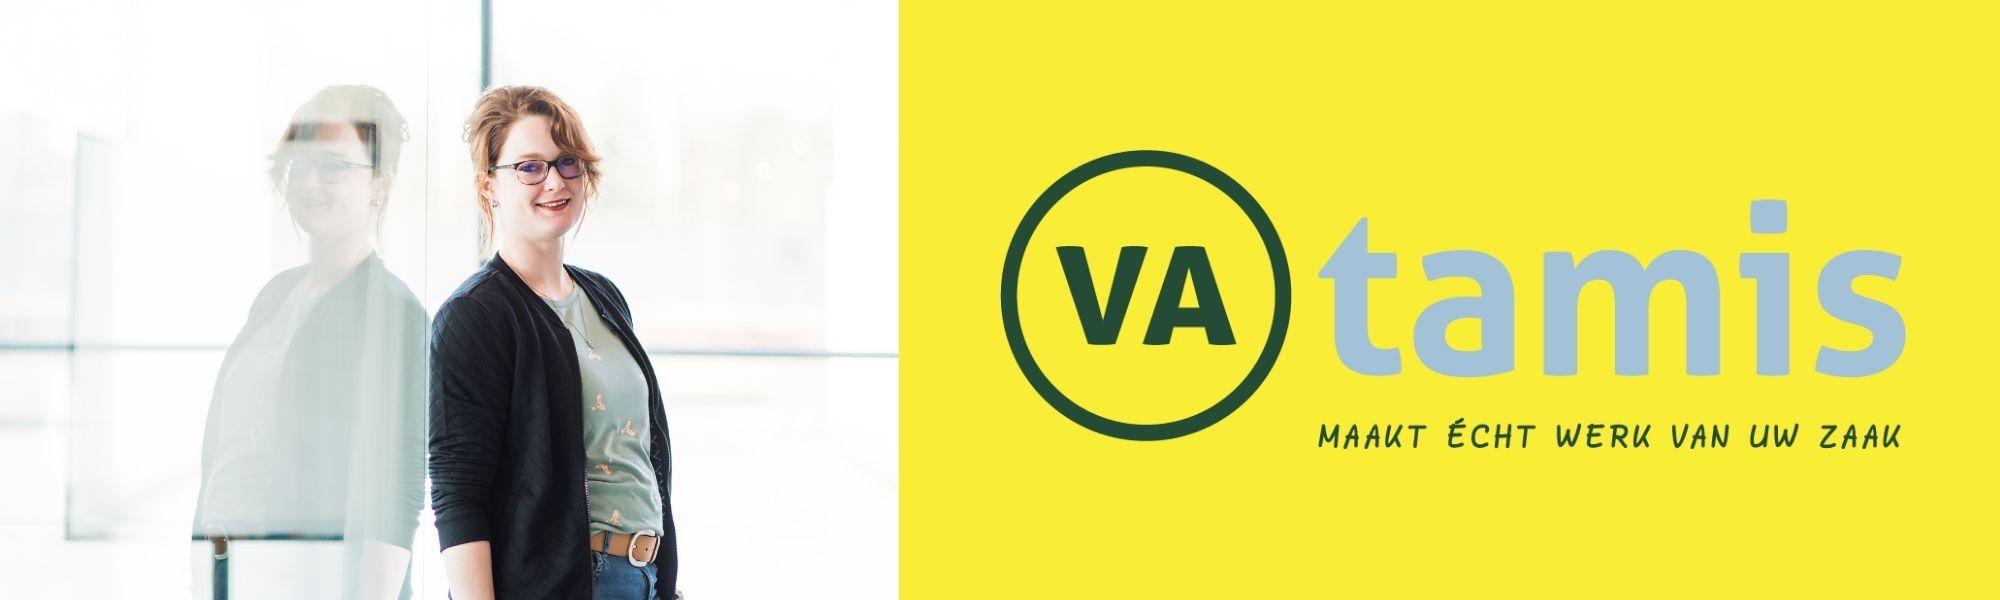 VA-Tamis online marketeer en thuis les geven